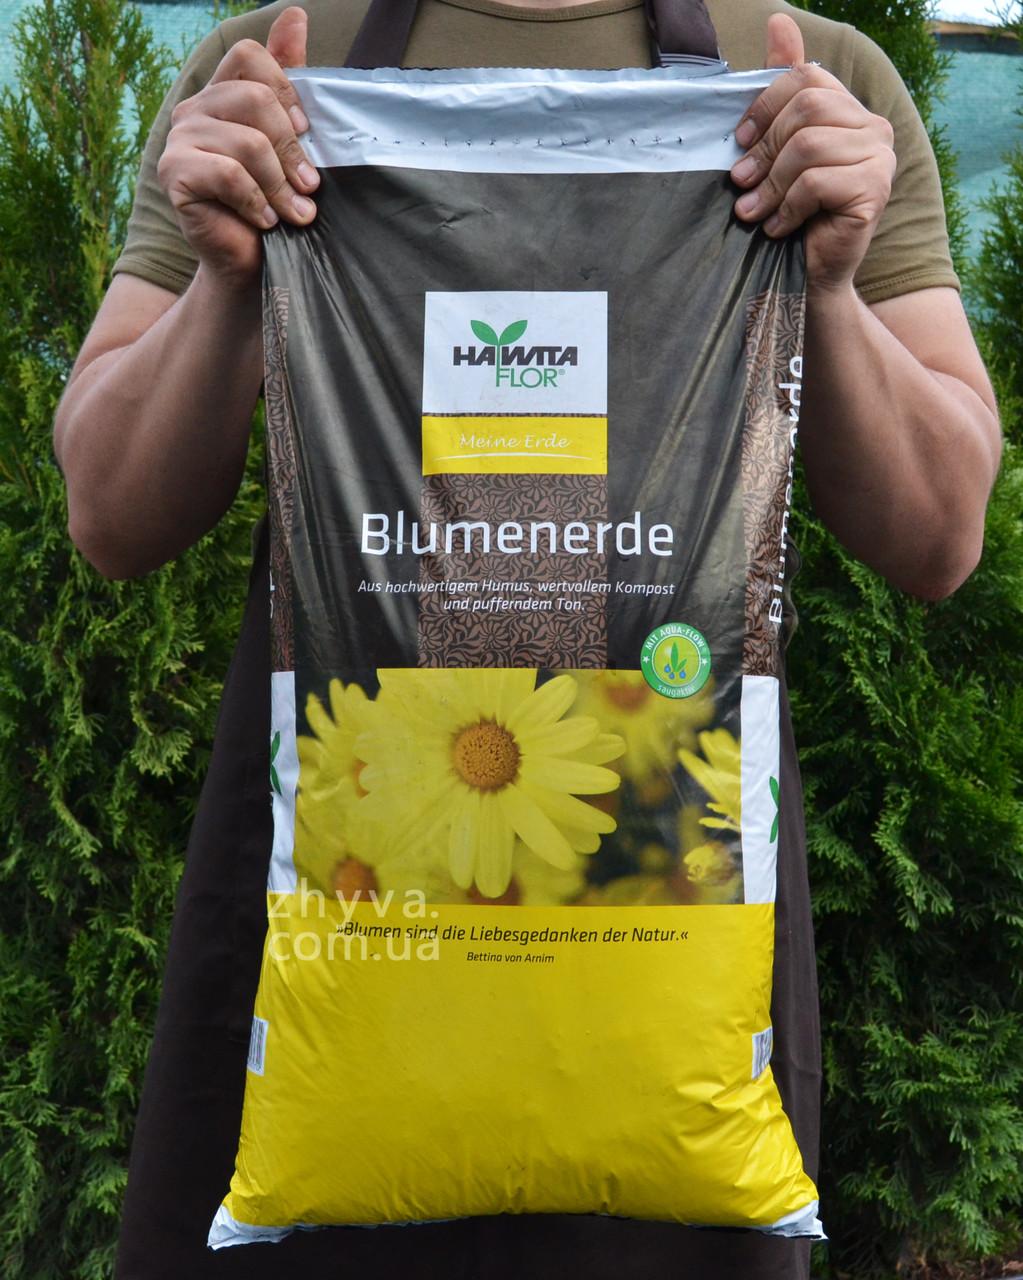 Торф Hawita Blumenerde з глиною для квітів 20 л / Торф Хавіта с глиной для цветов